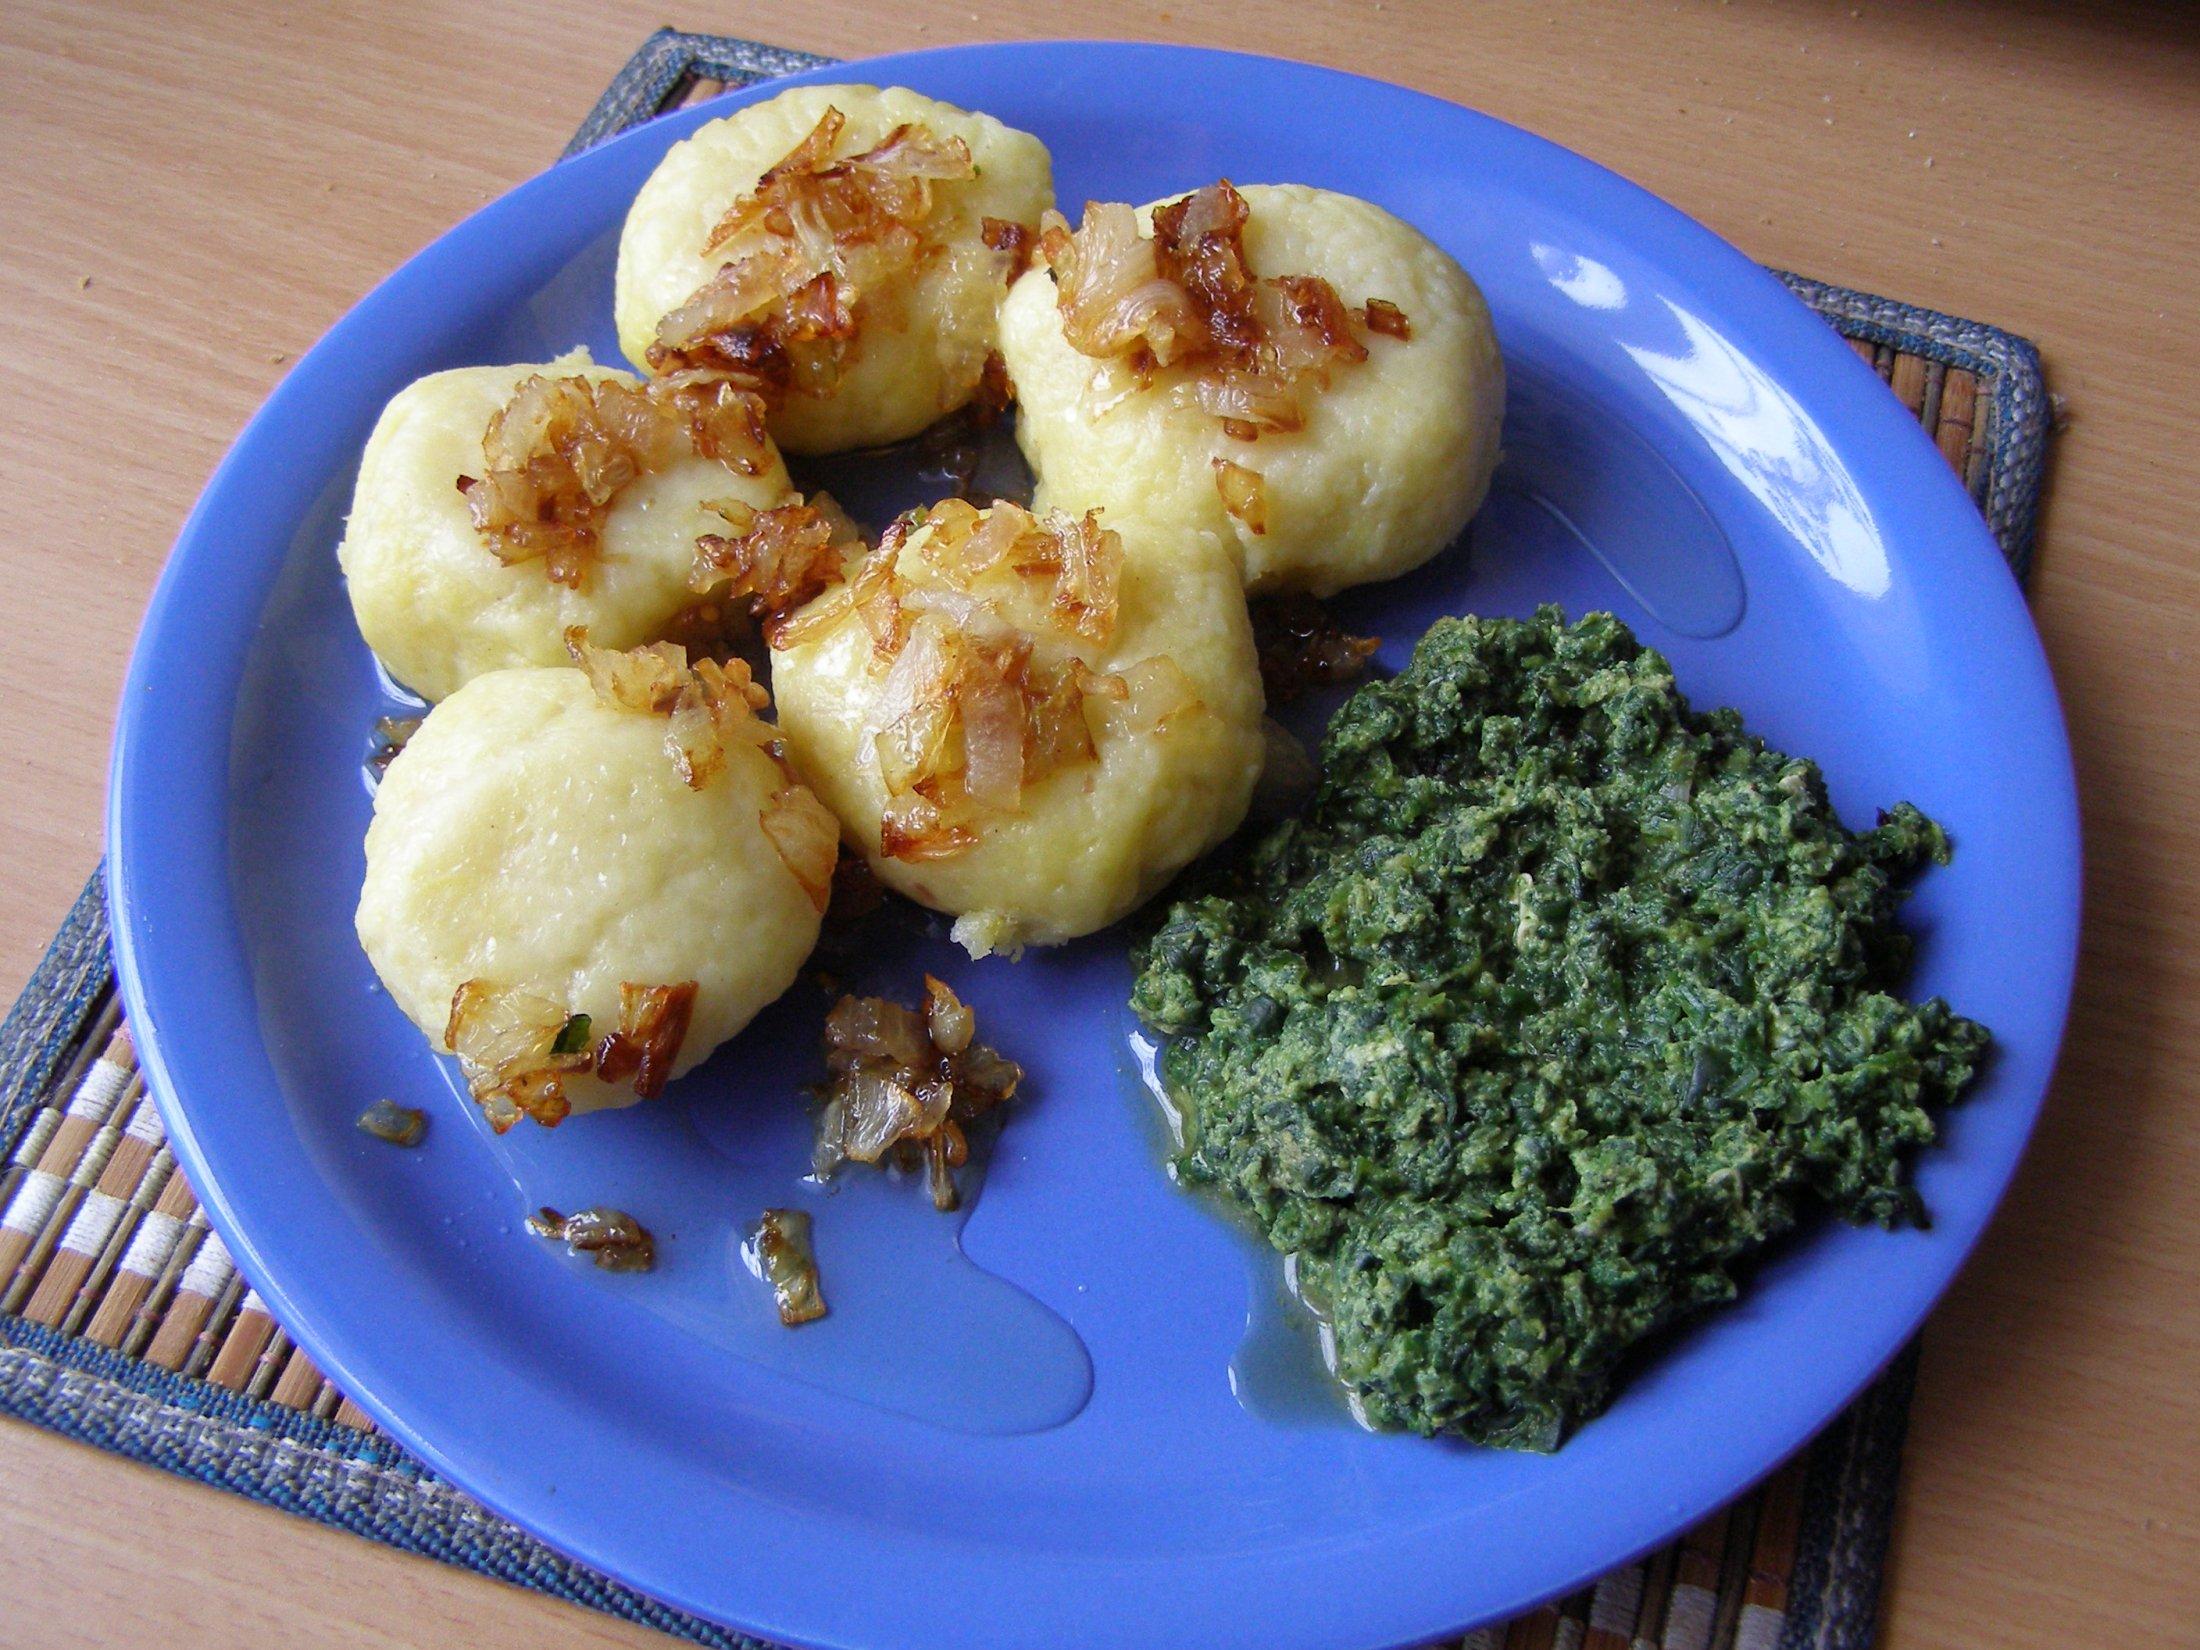 Recept Plněné bramborové knedlíky - A k tomu je dobrý taky špenát ne jenom zelí.